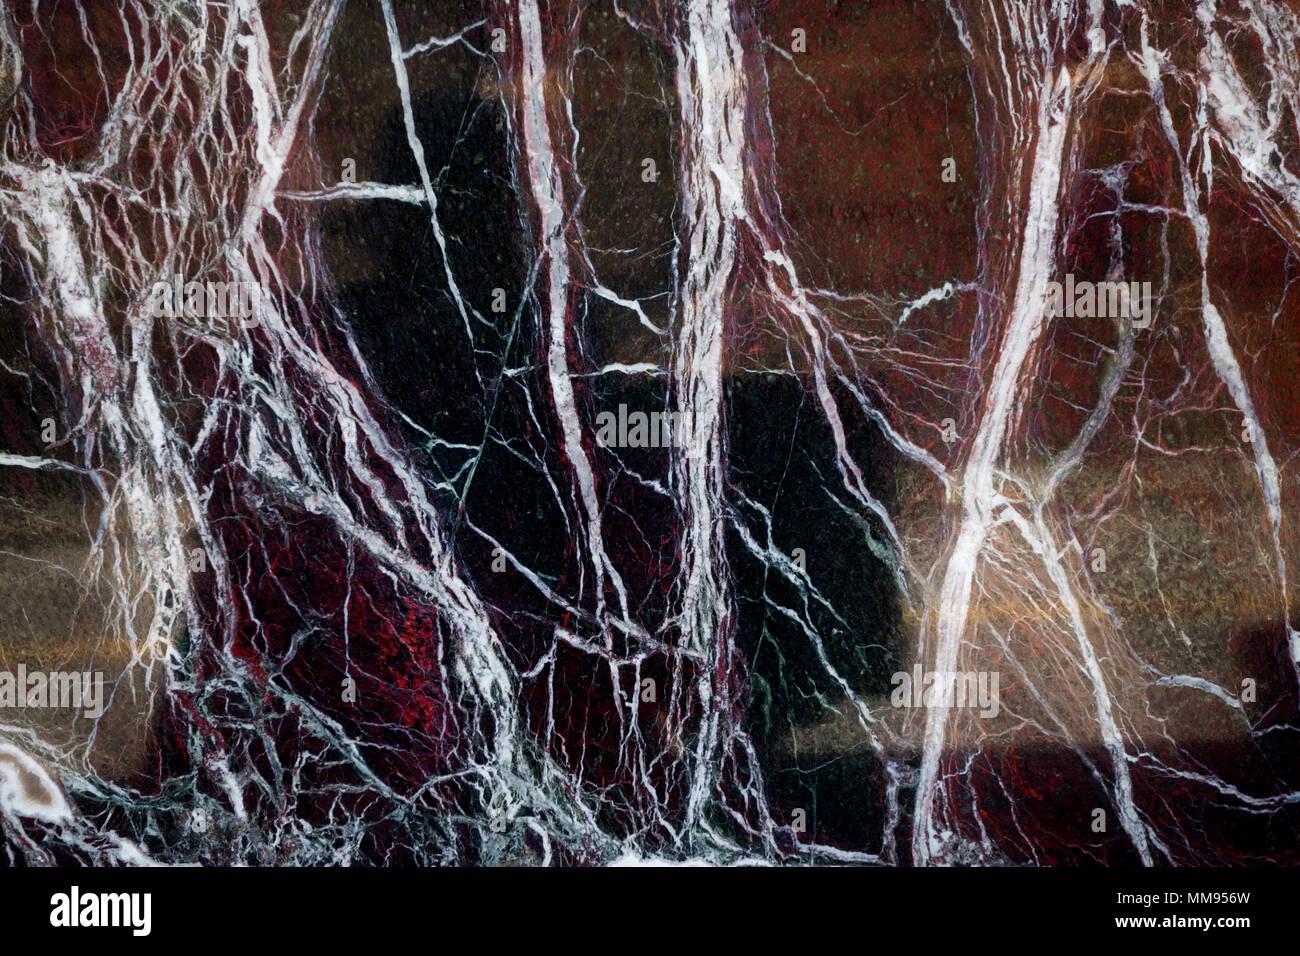 Acercamiento de las venas en una pared de mármol o granito hacer un patrón interesante Foto de stock